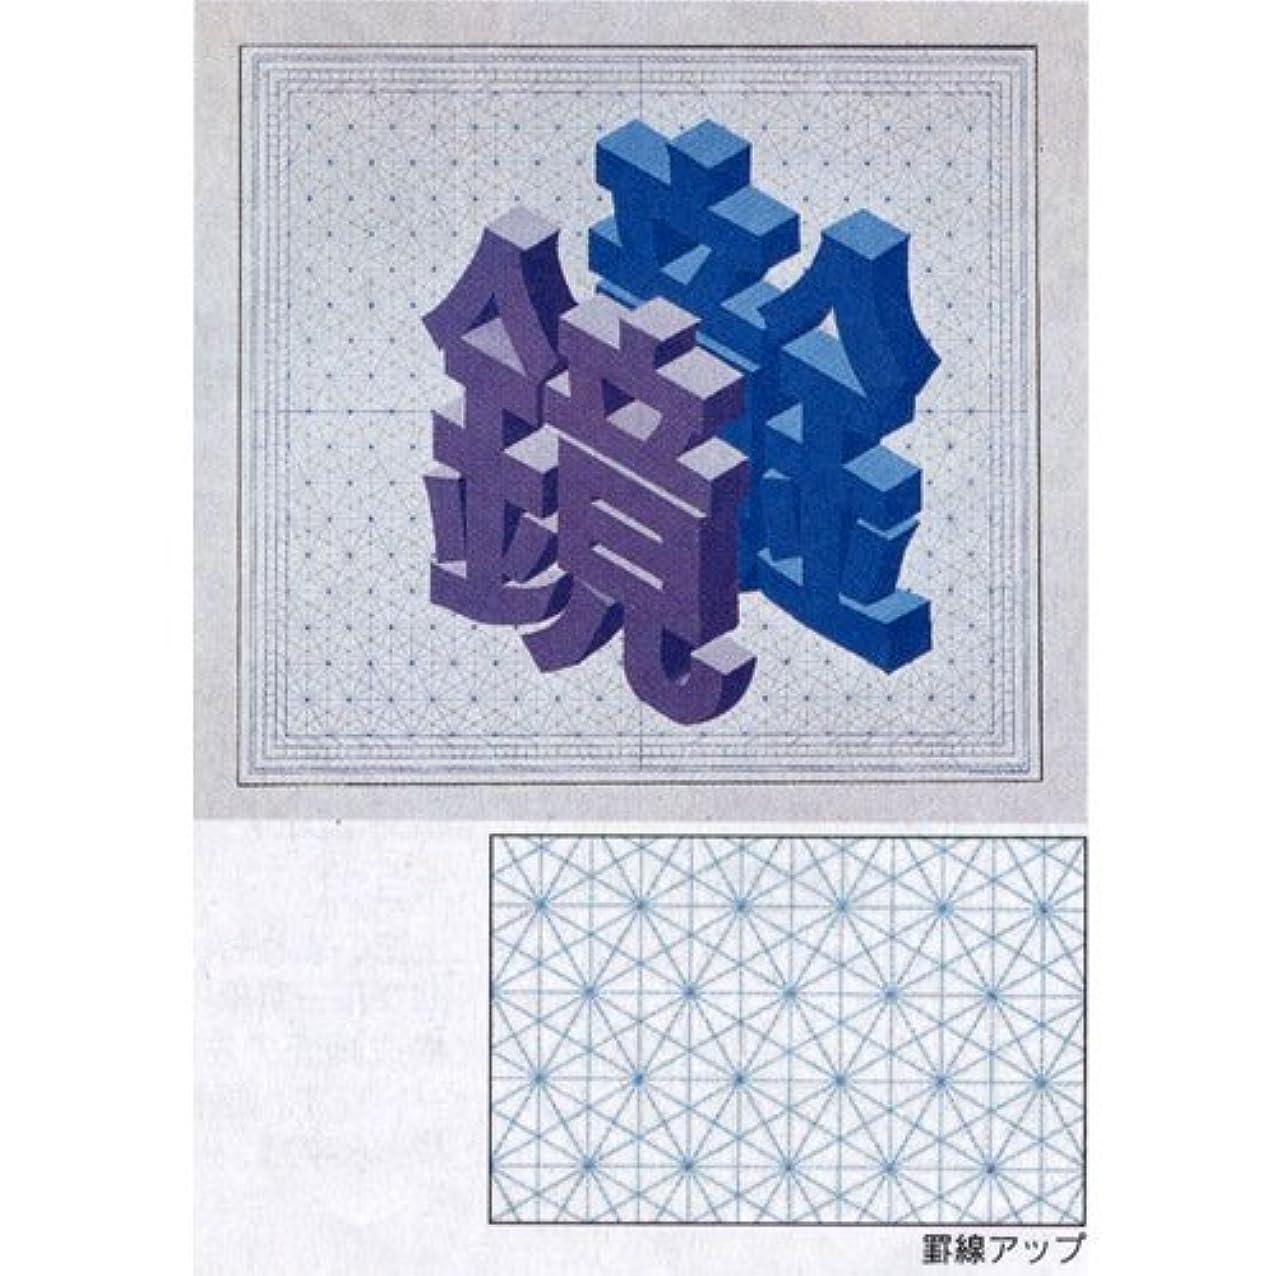 バズ夜の動物園アルミニウムマニホルドイラストペーパー 10枚組 B03-5426